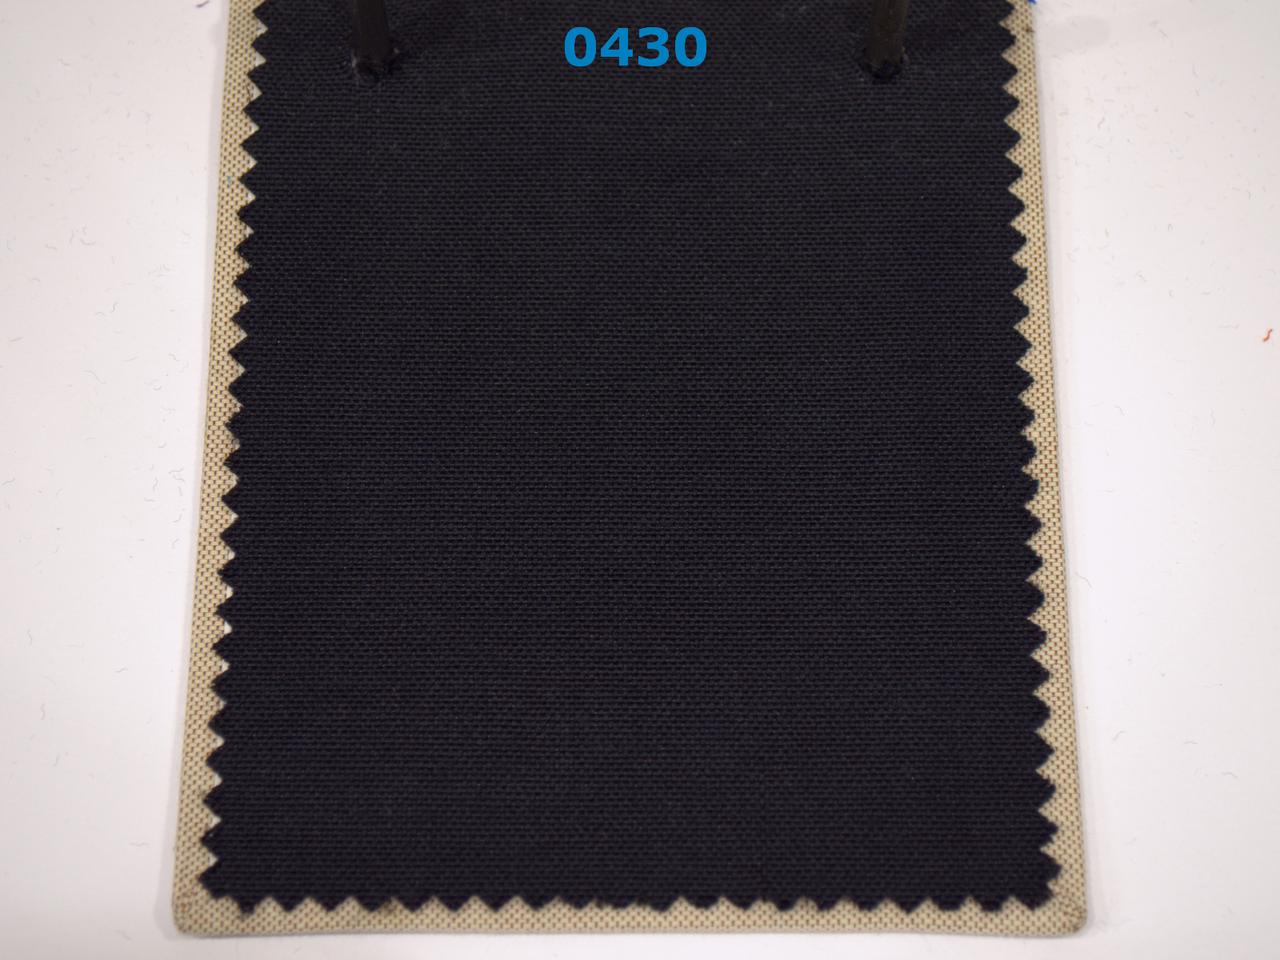 Тканина для Скатертин Чорна з просоченням Тефлон-180 Однотонна Туреччина 180см ширина